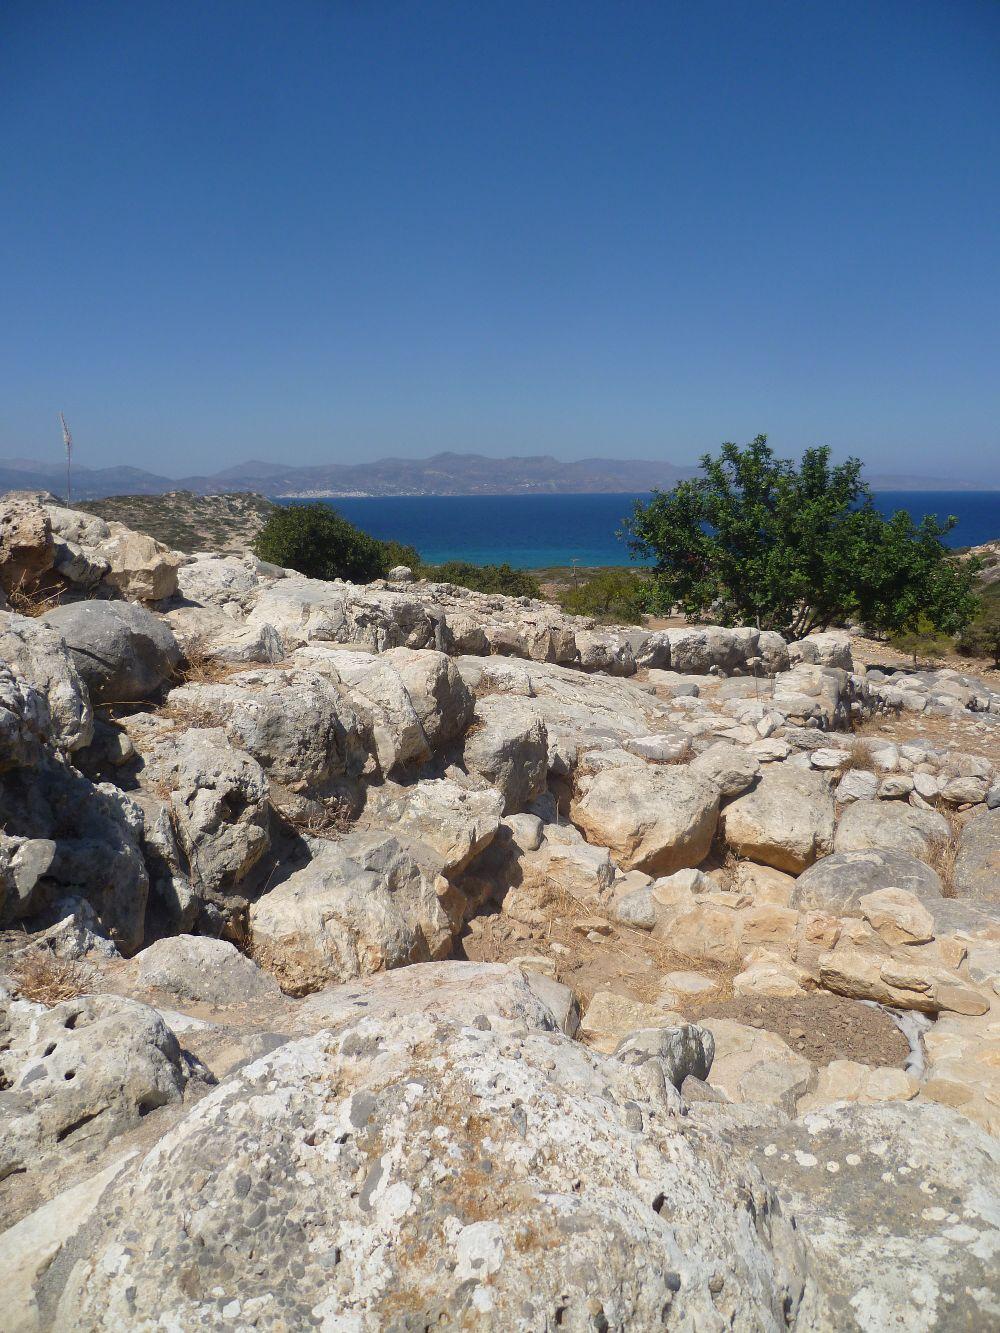 Ganz weit oben ein Foto mit siedlungsteinen Von Gpurnia um Virdergrund um dem Meer weit weit im Hintergrund